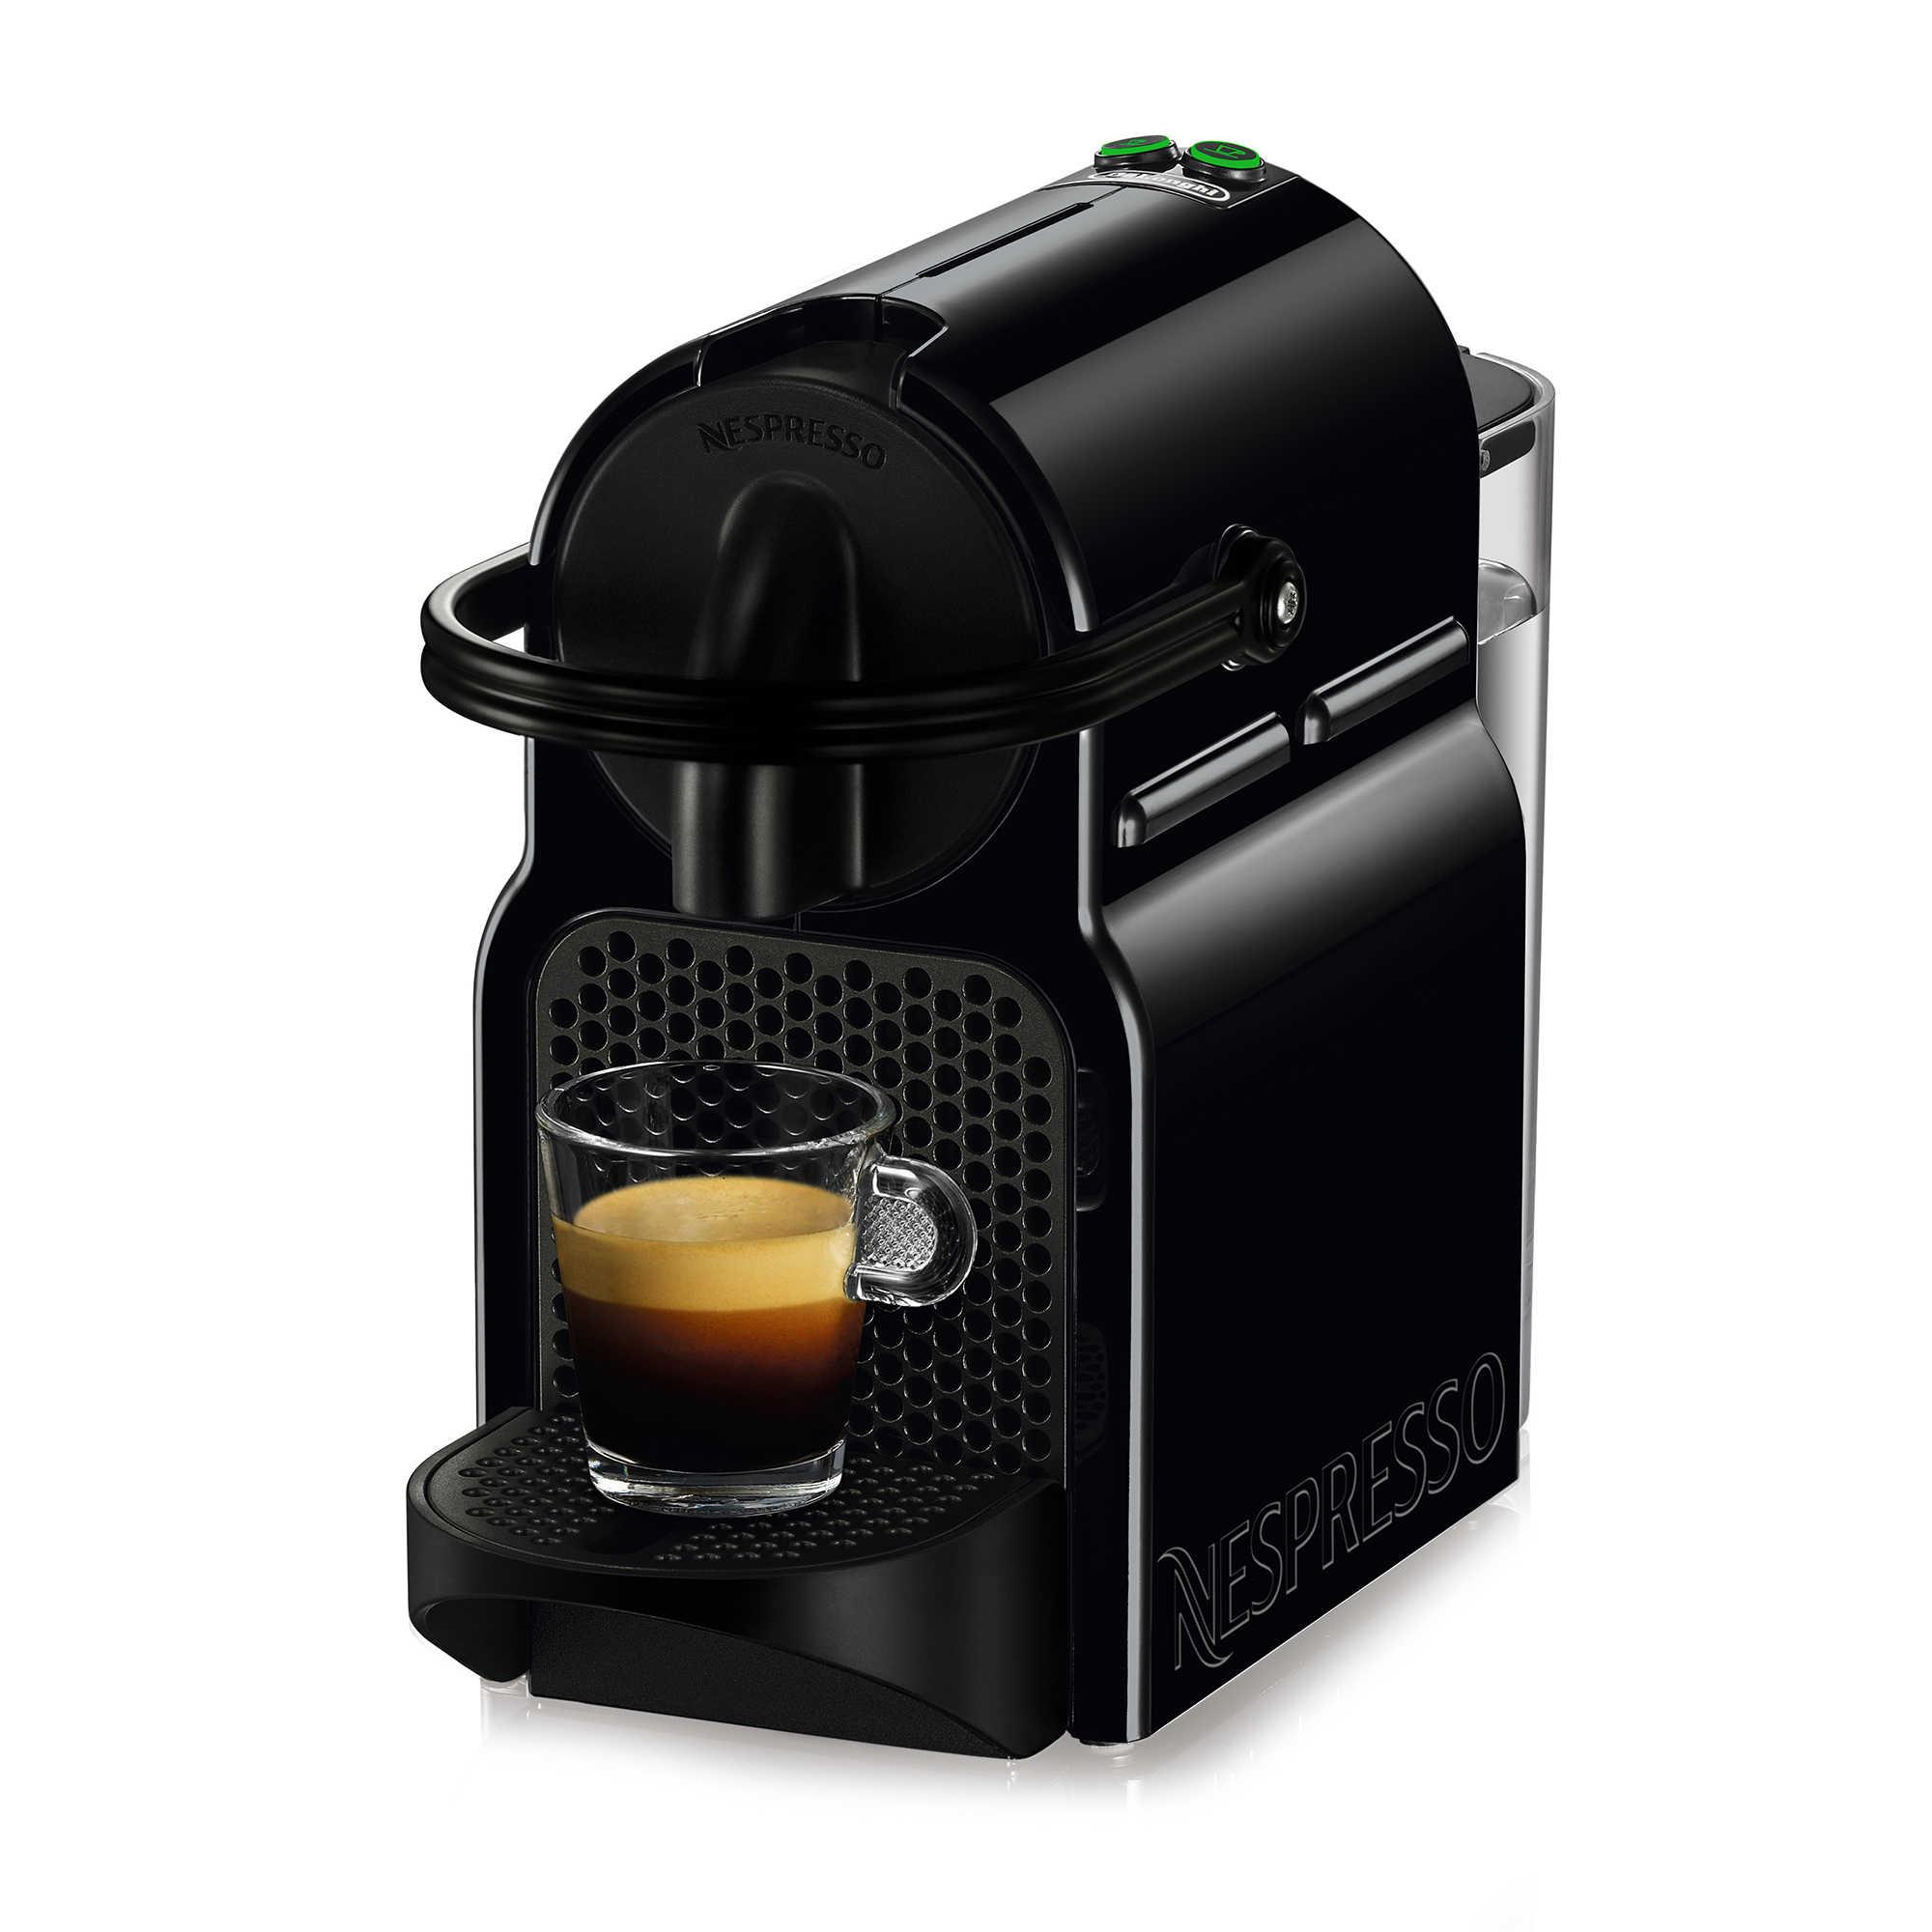 Nespresso by De'Longhi Inissia Espresso Maker